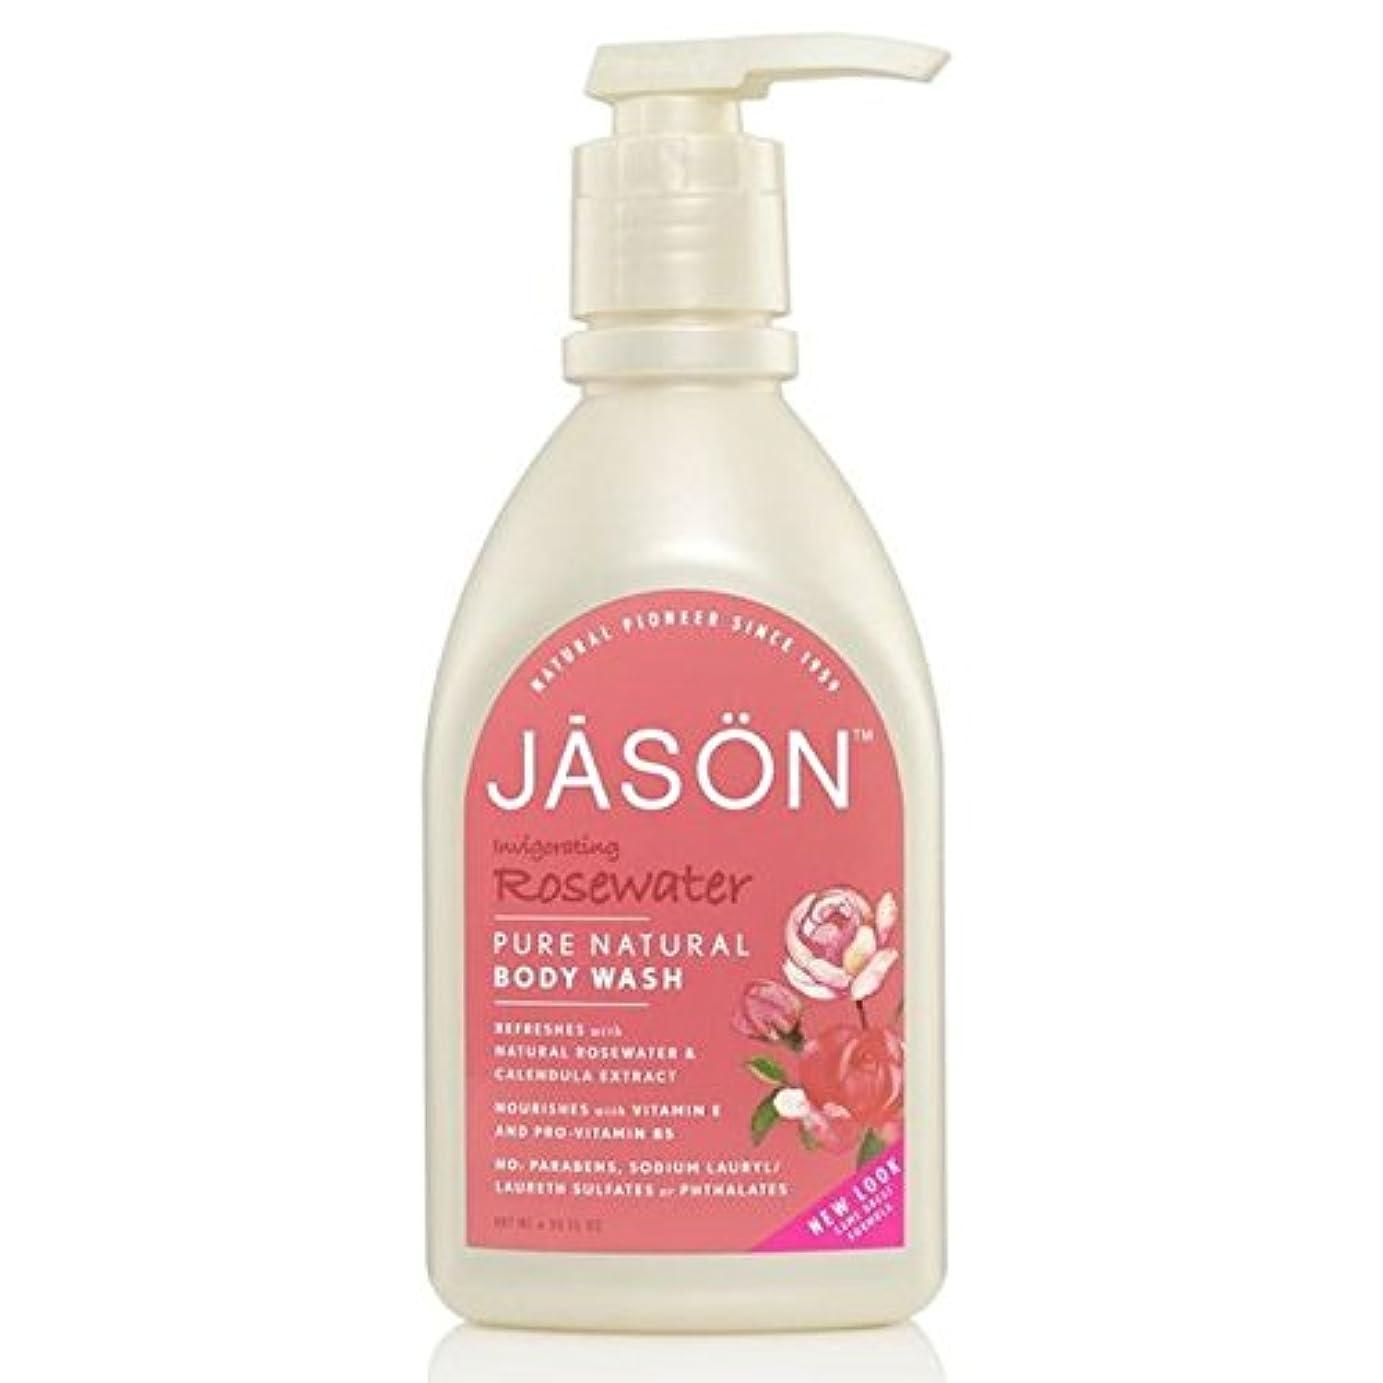 所有者着服死んでいるJason Body Wash Rosewater Satin Shower 900ml - ジェイソン?ボディウォッシュローズウォーターサテンシャワー900ミリリットル [並行輸入品]